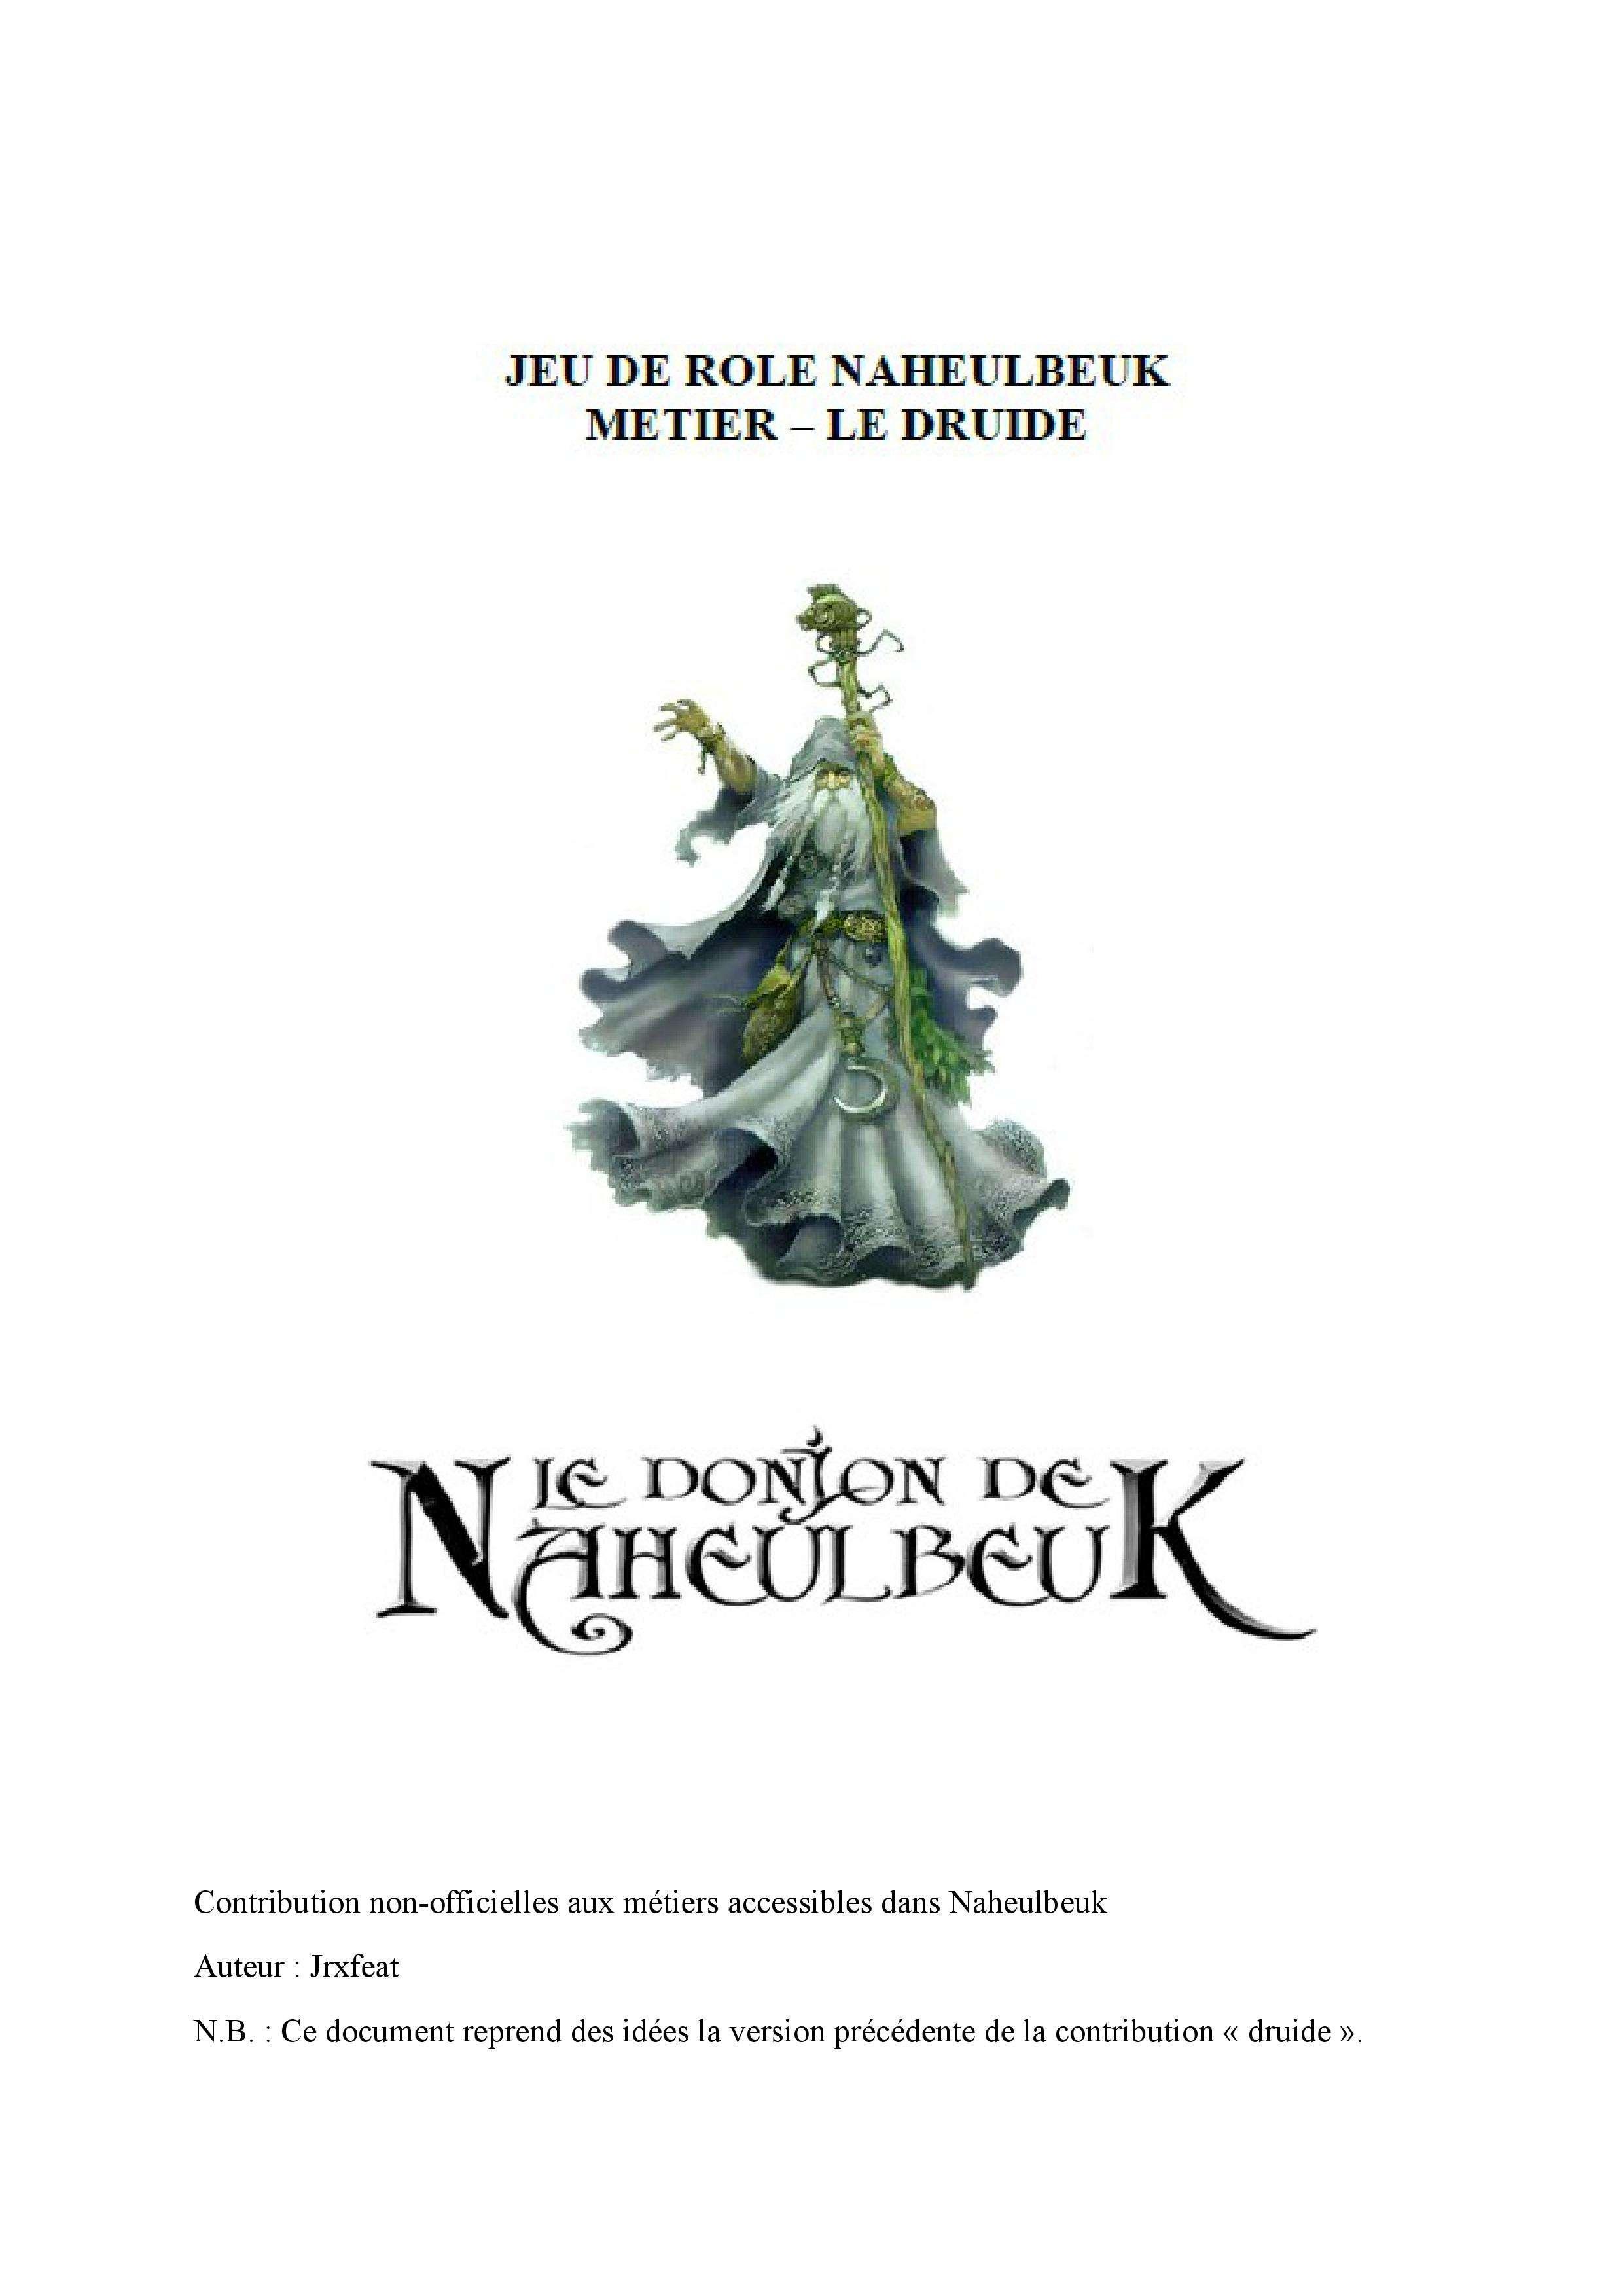 Druidisme 2.0 000110